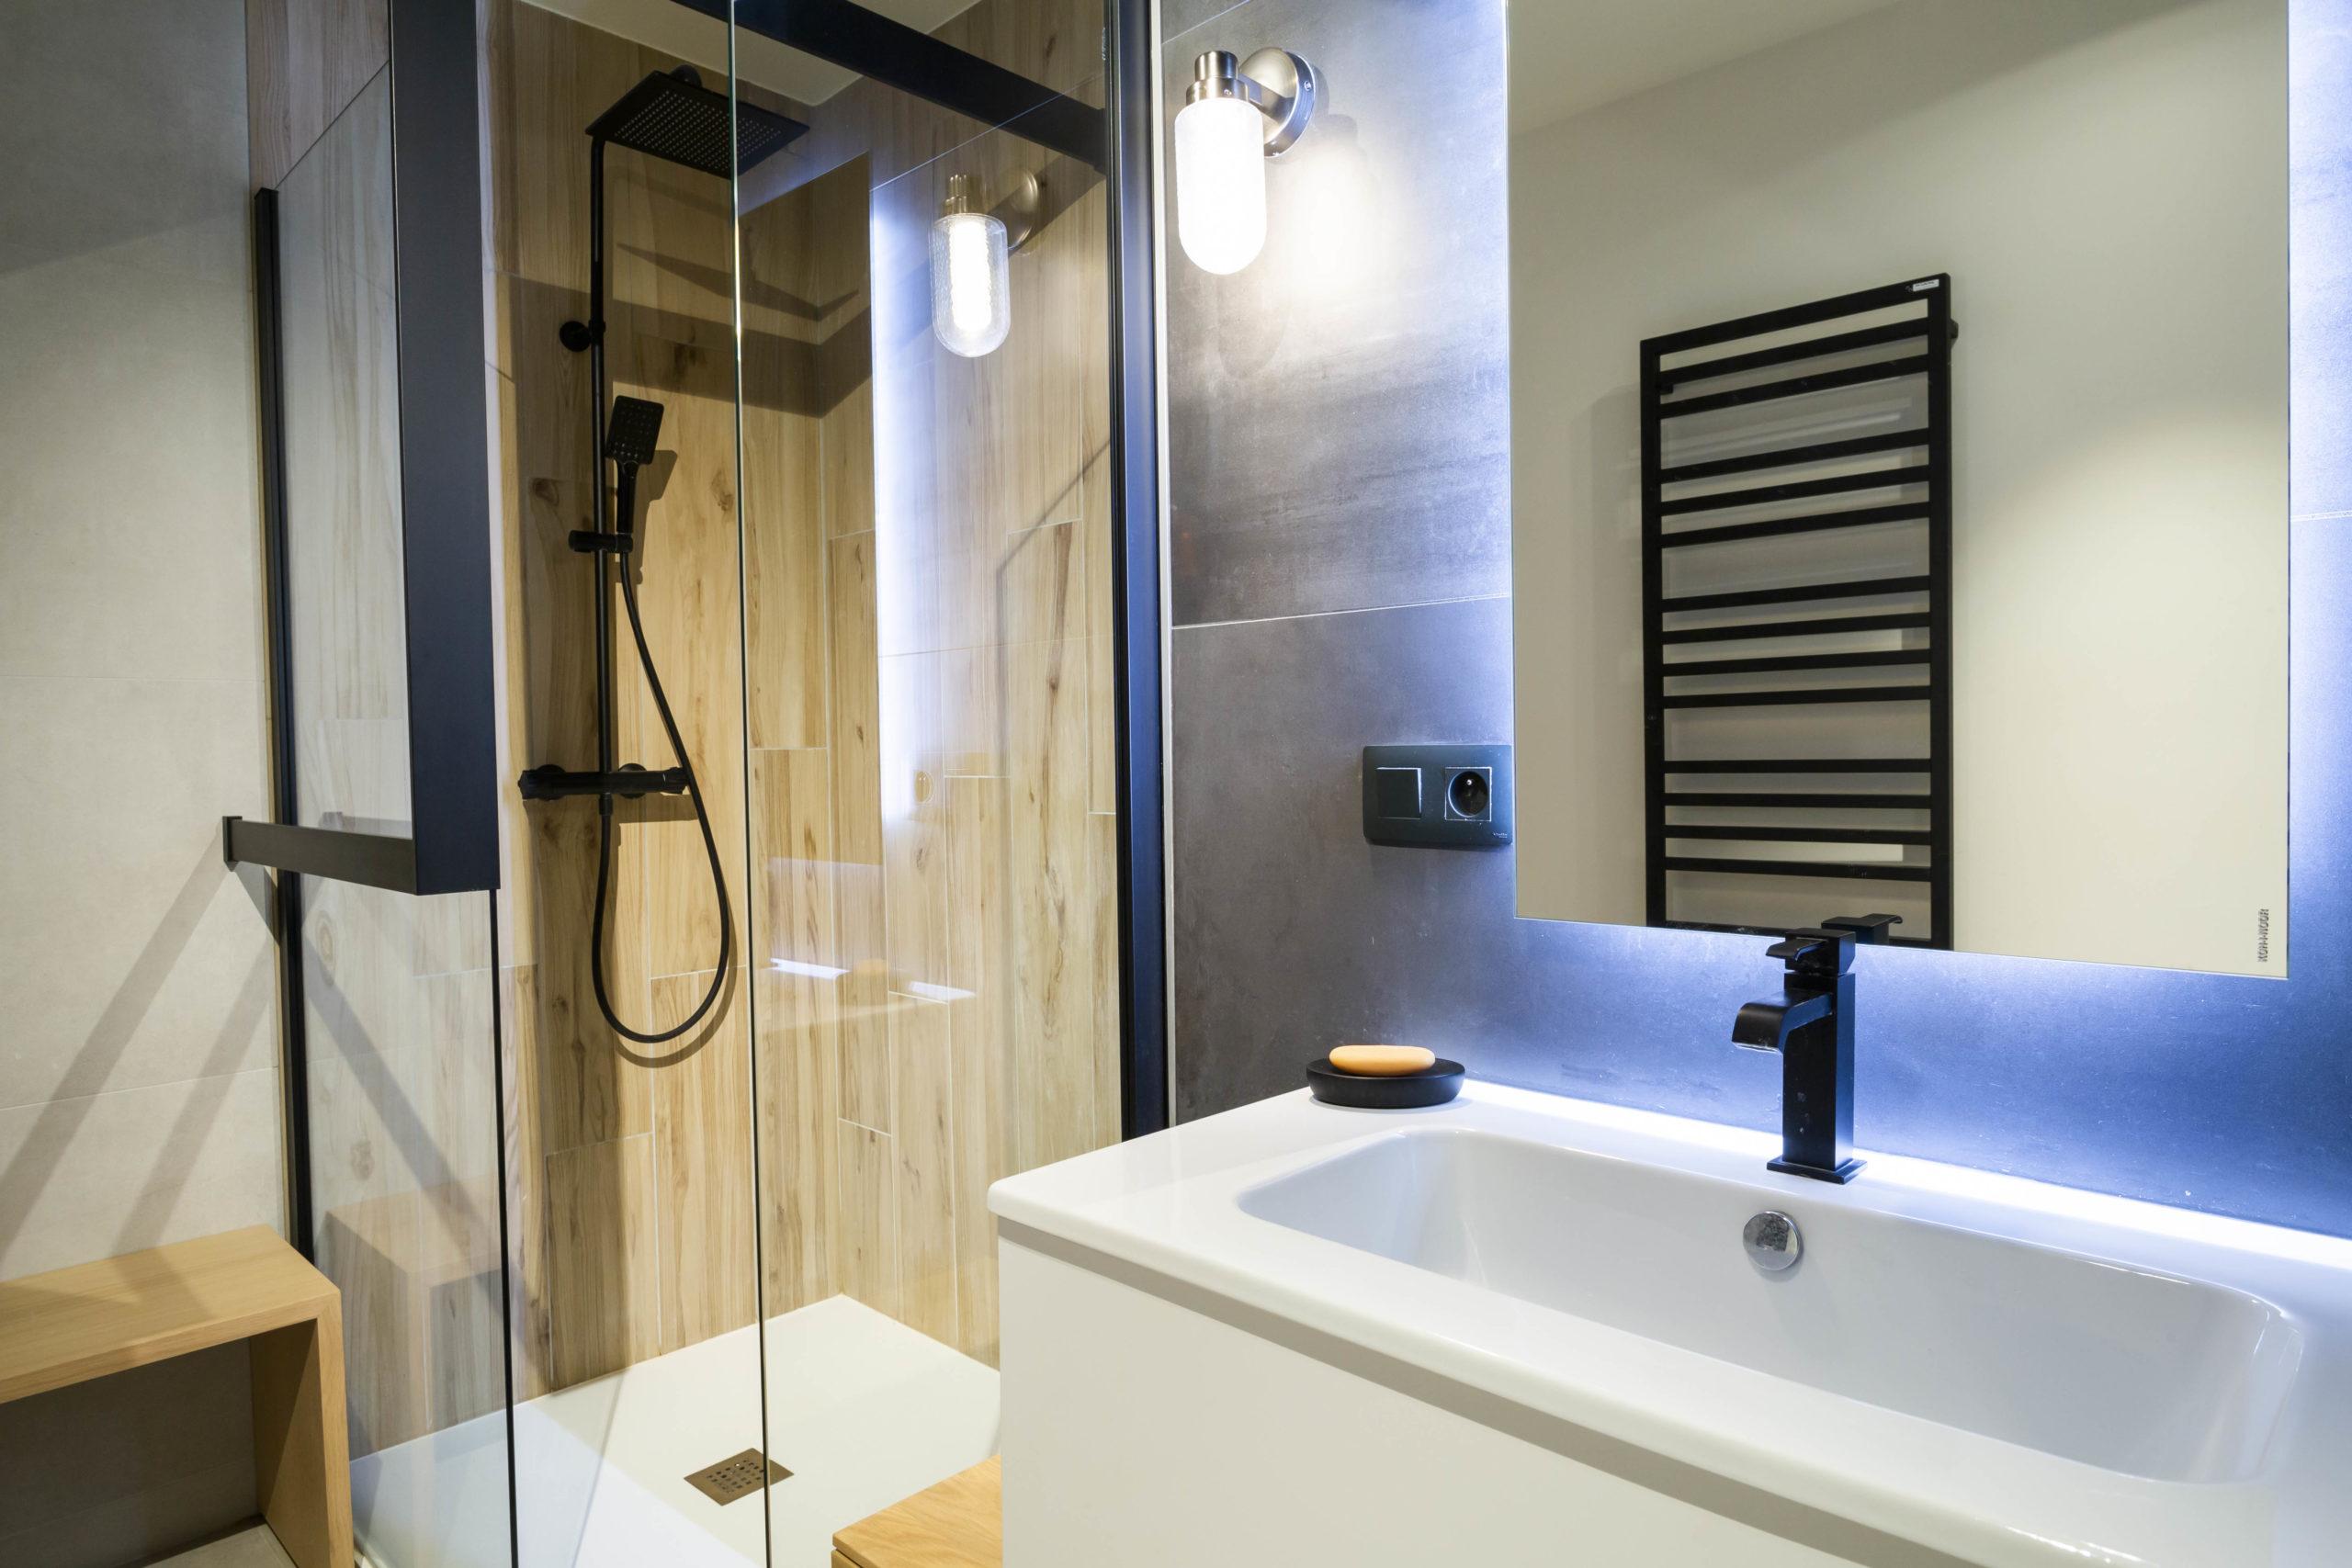 Atelier Plurielles Architectures Réaménagement appartement Anglet - douche